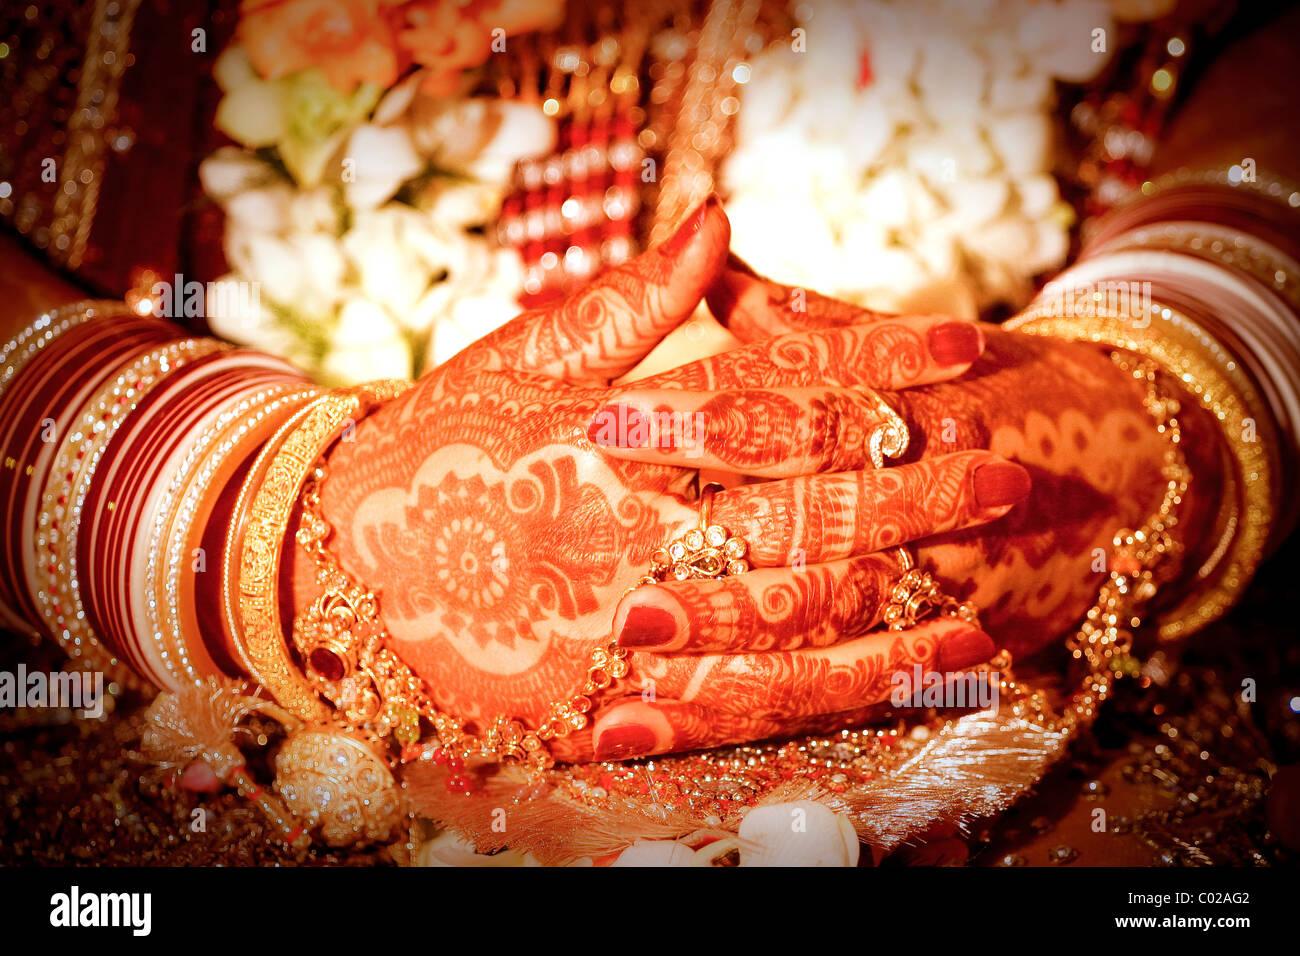 Um índio esposa com suas mãos pintadas com henna. Imagens de Stock